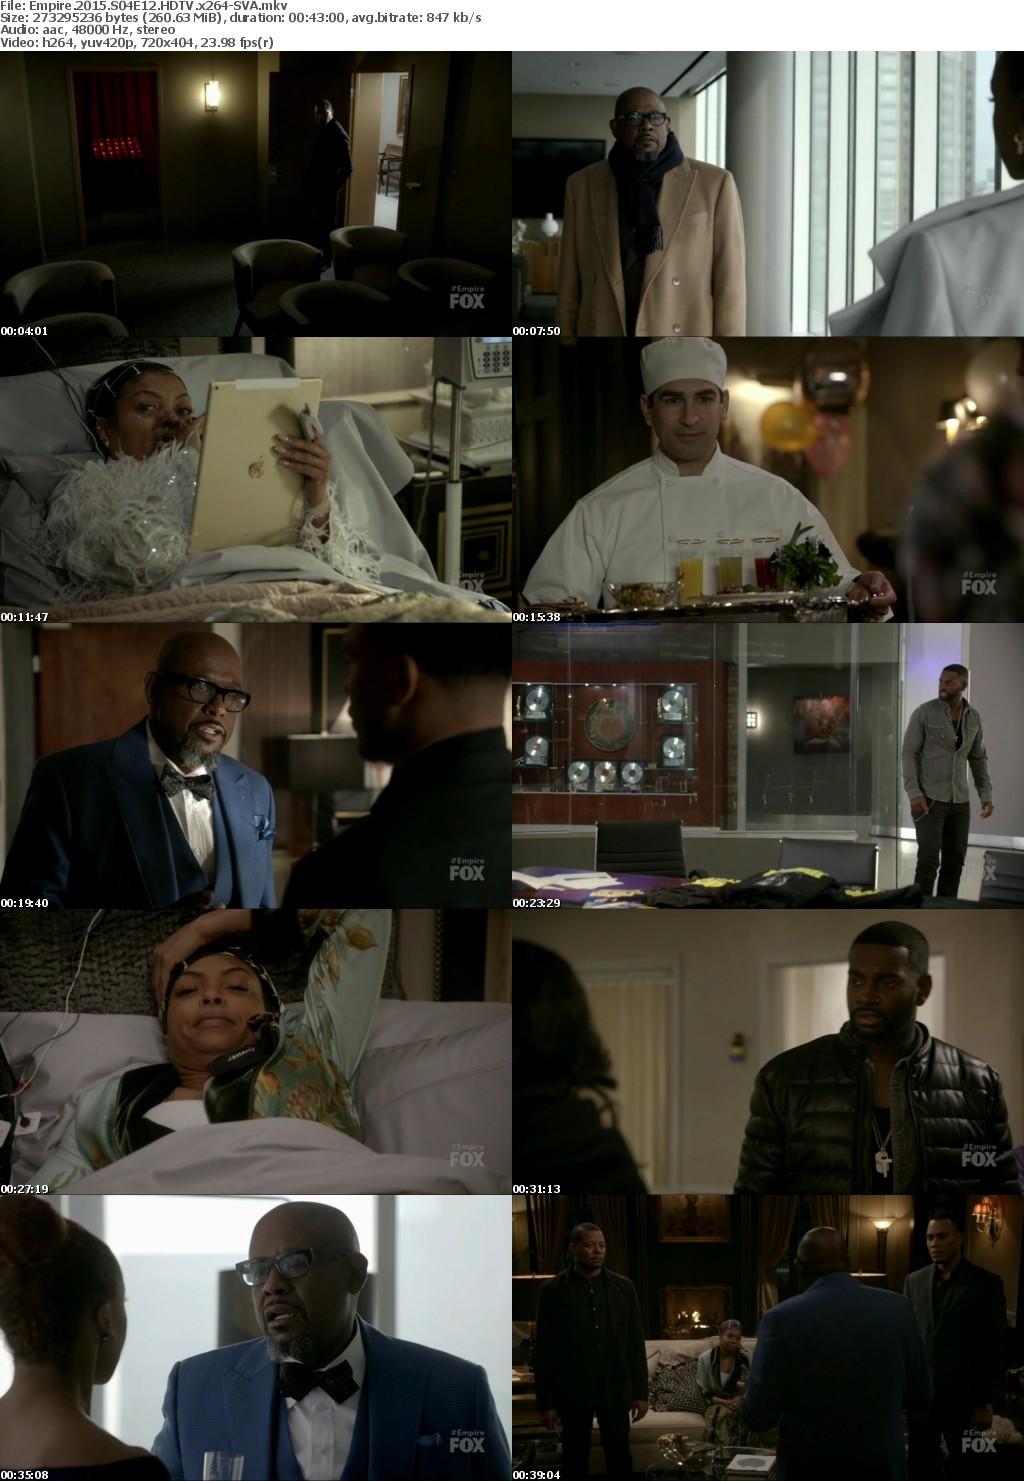 Empire 2015 S04E12 HDTV x264-SVA